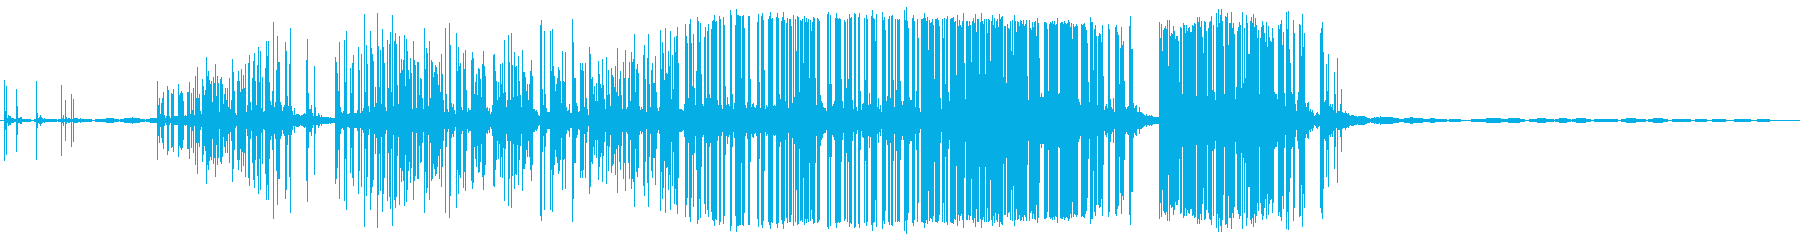 滑らかなリッピングキャンバスの再生済みの波形